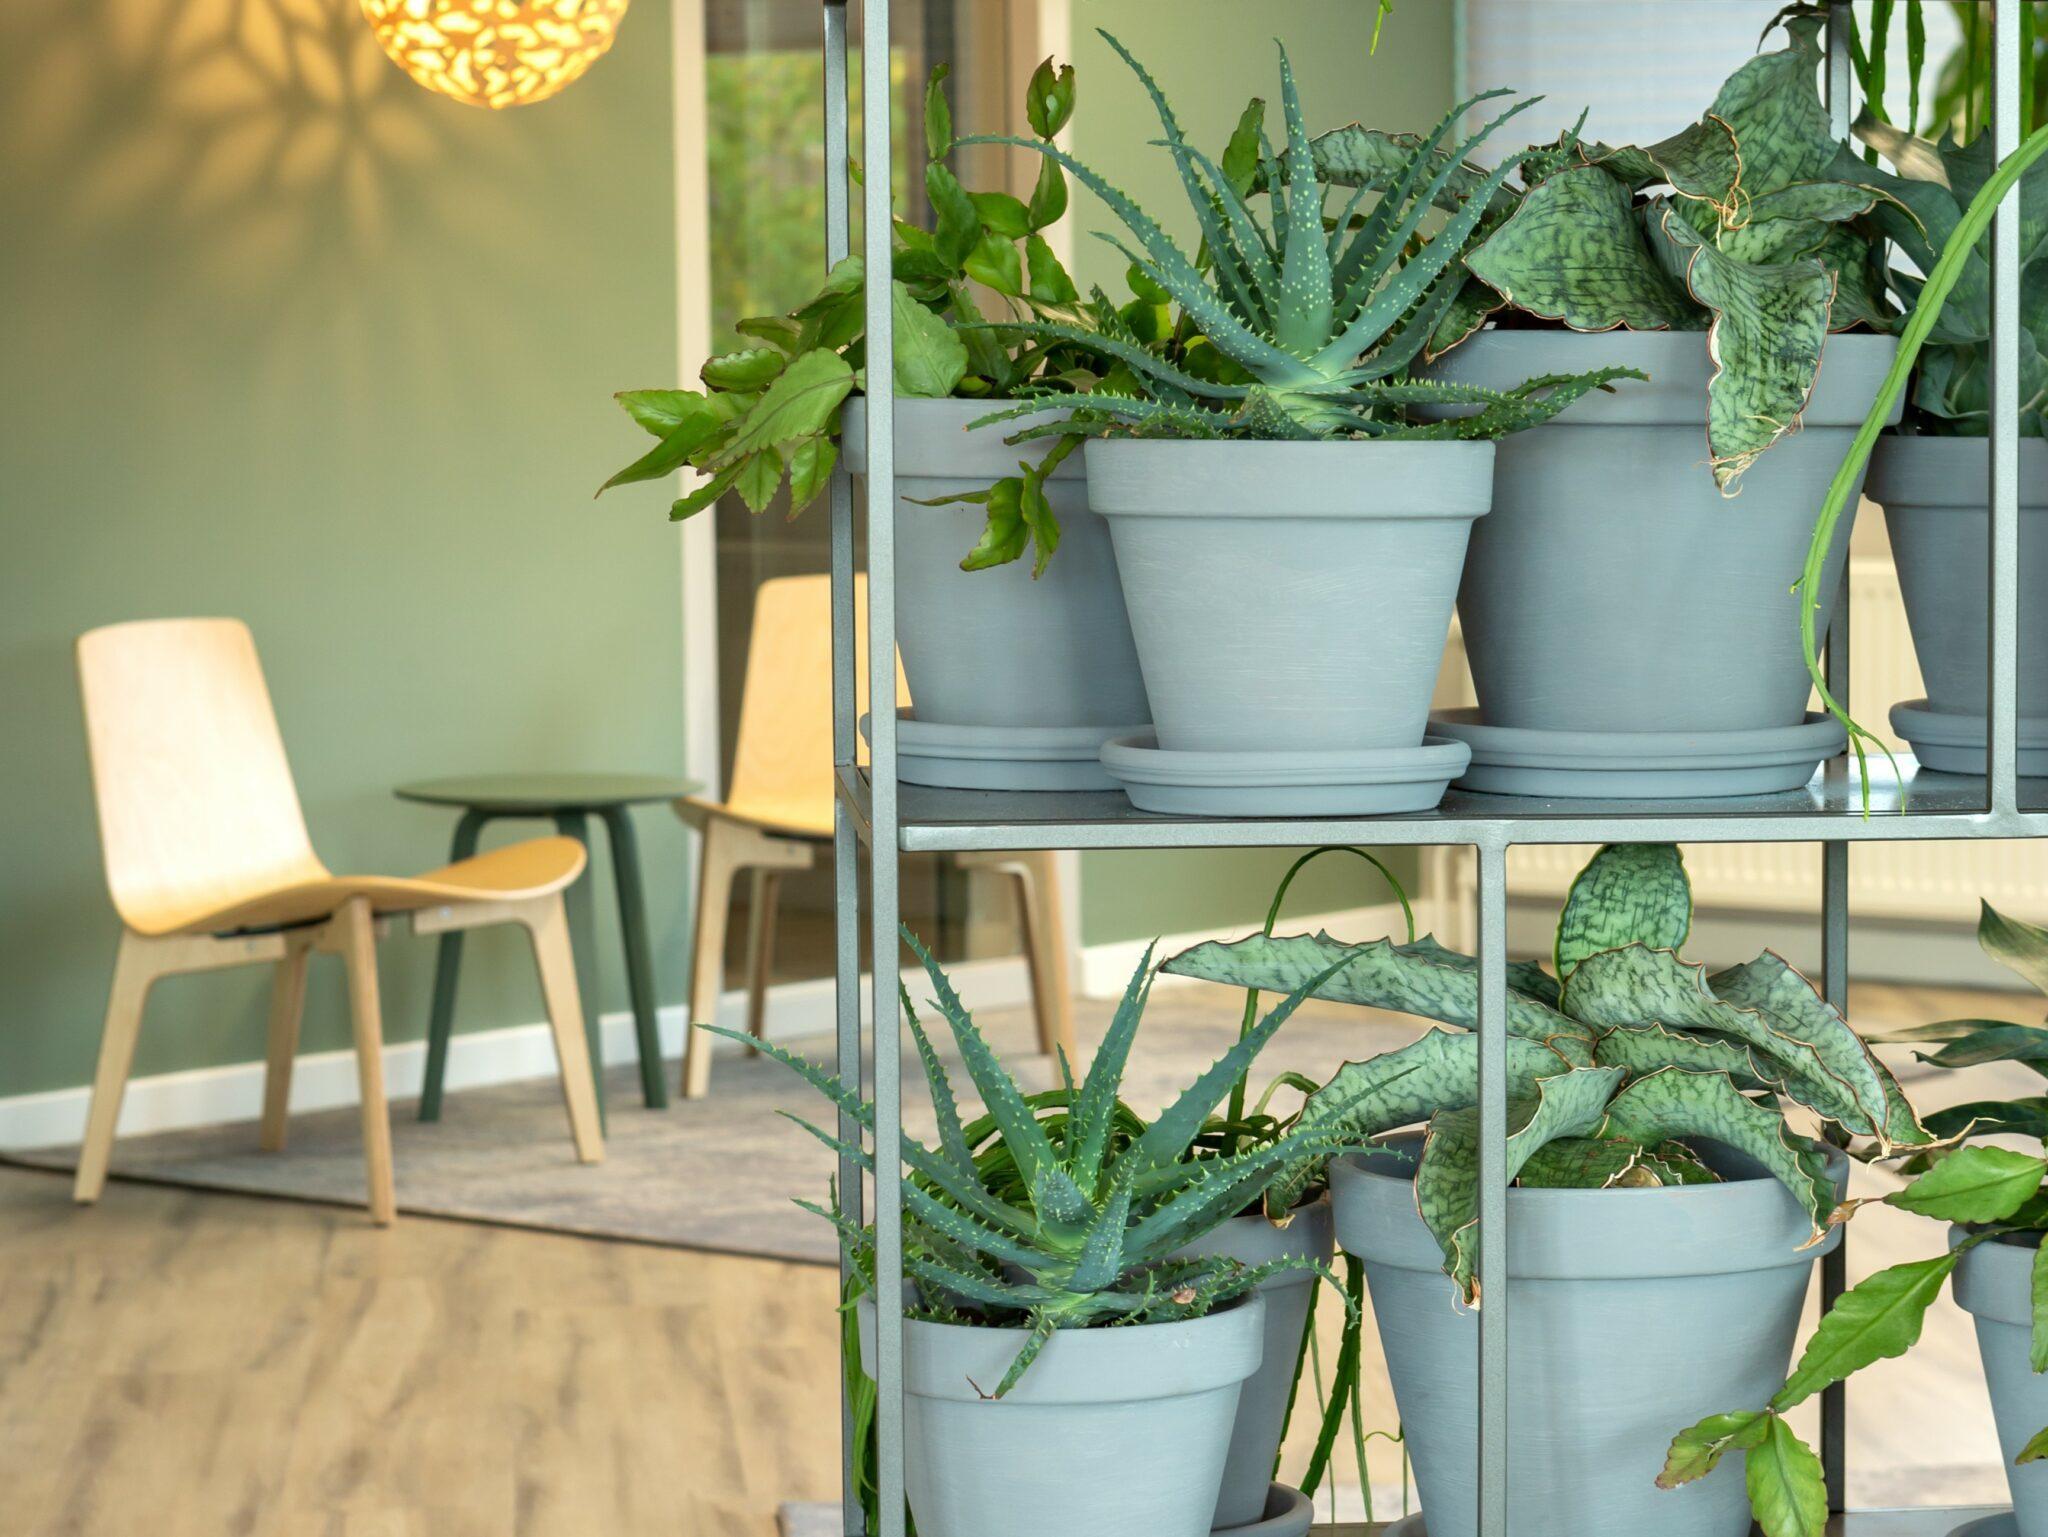 jeugdzorg plantenrek Heering Office Den Haag